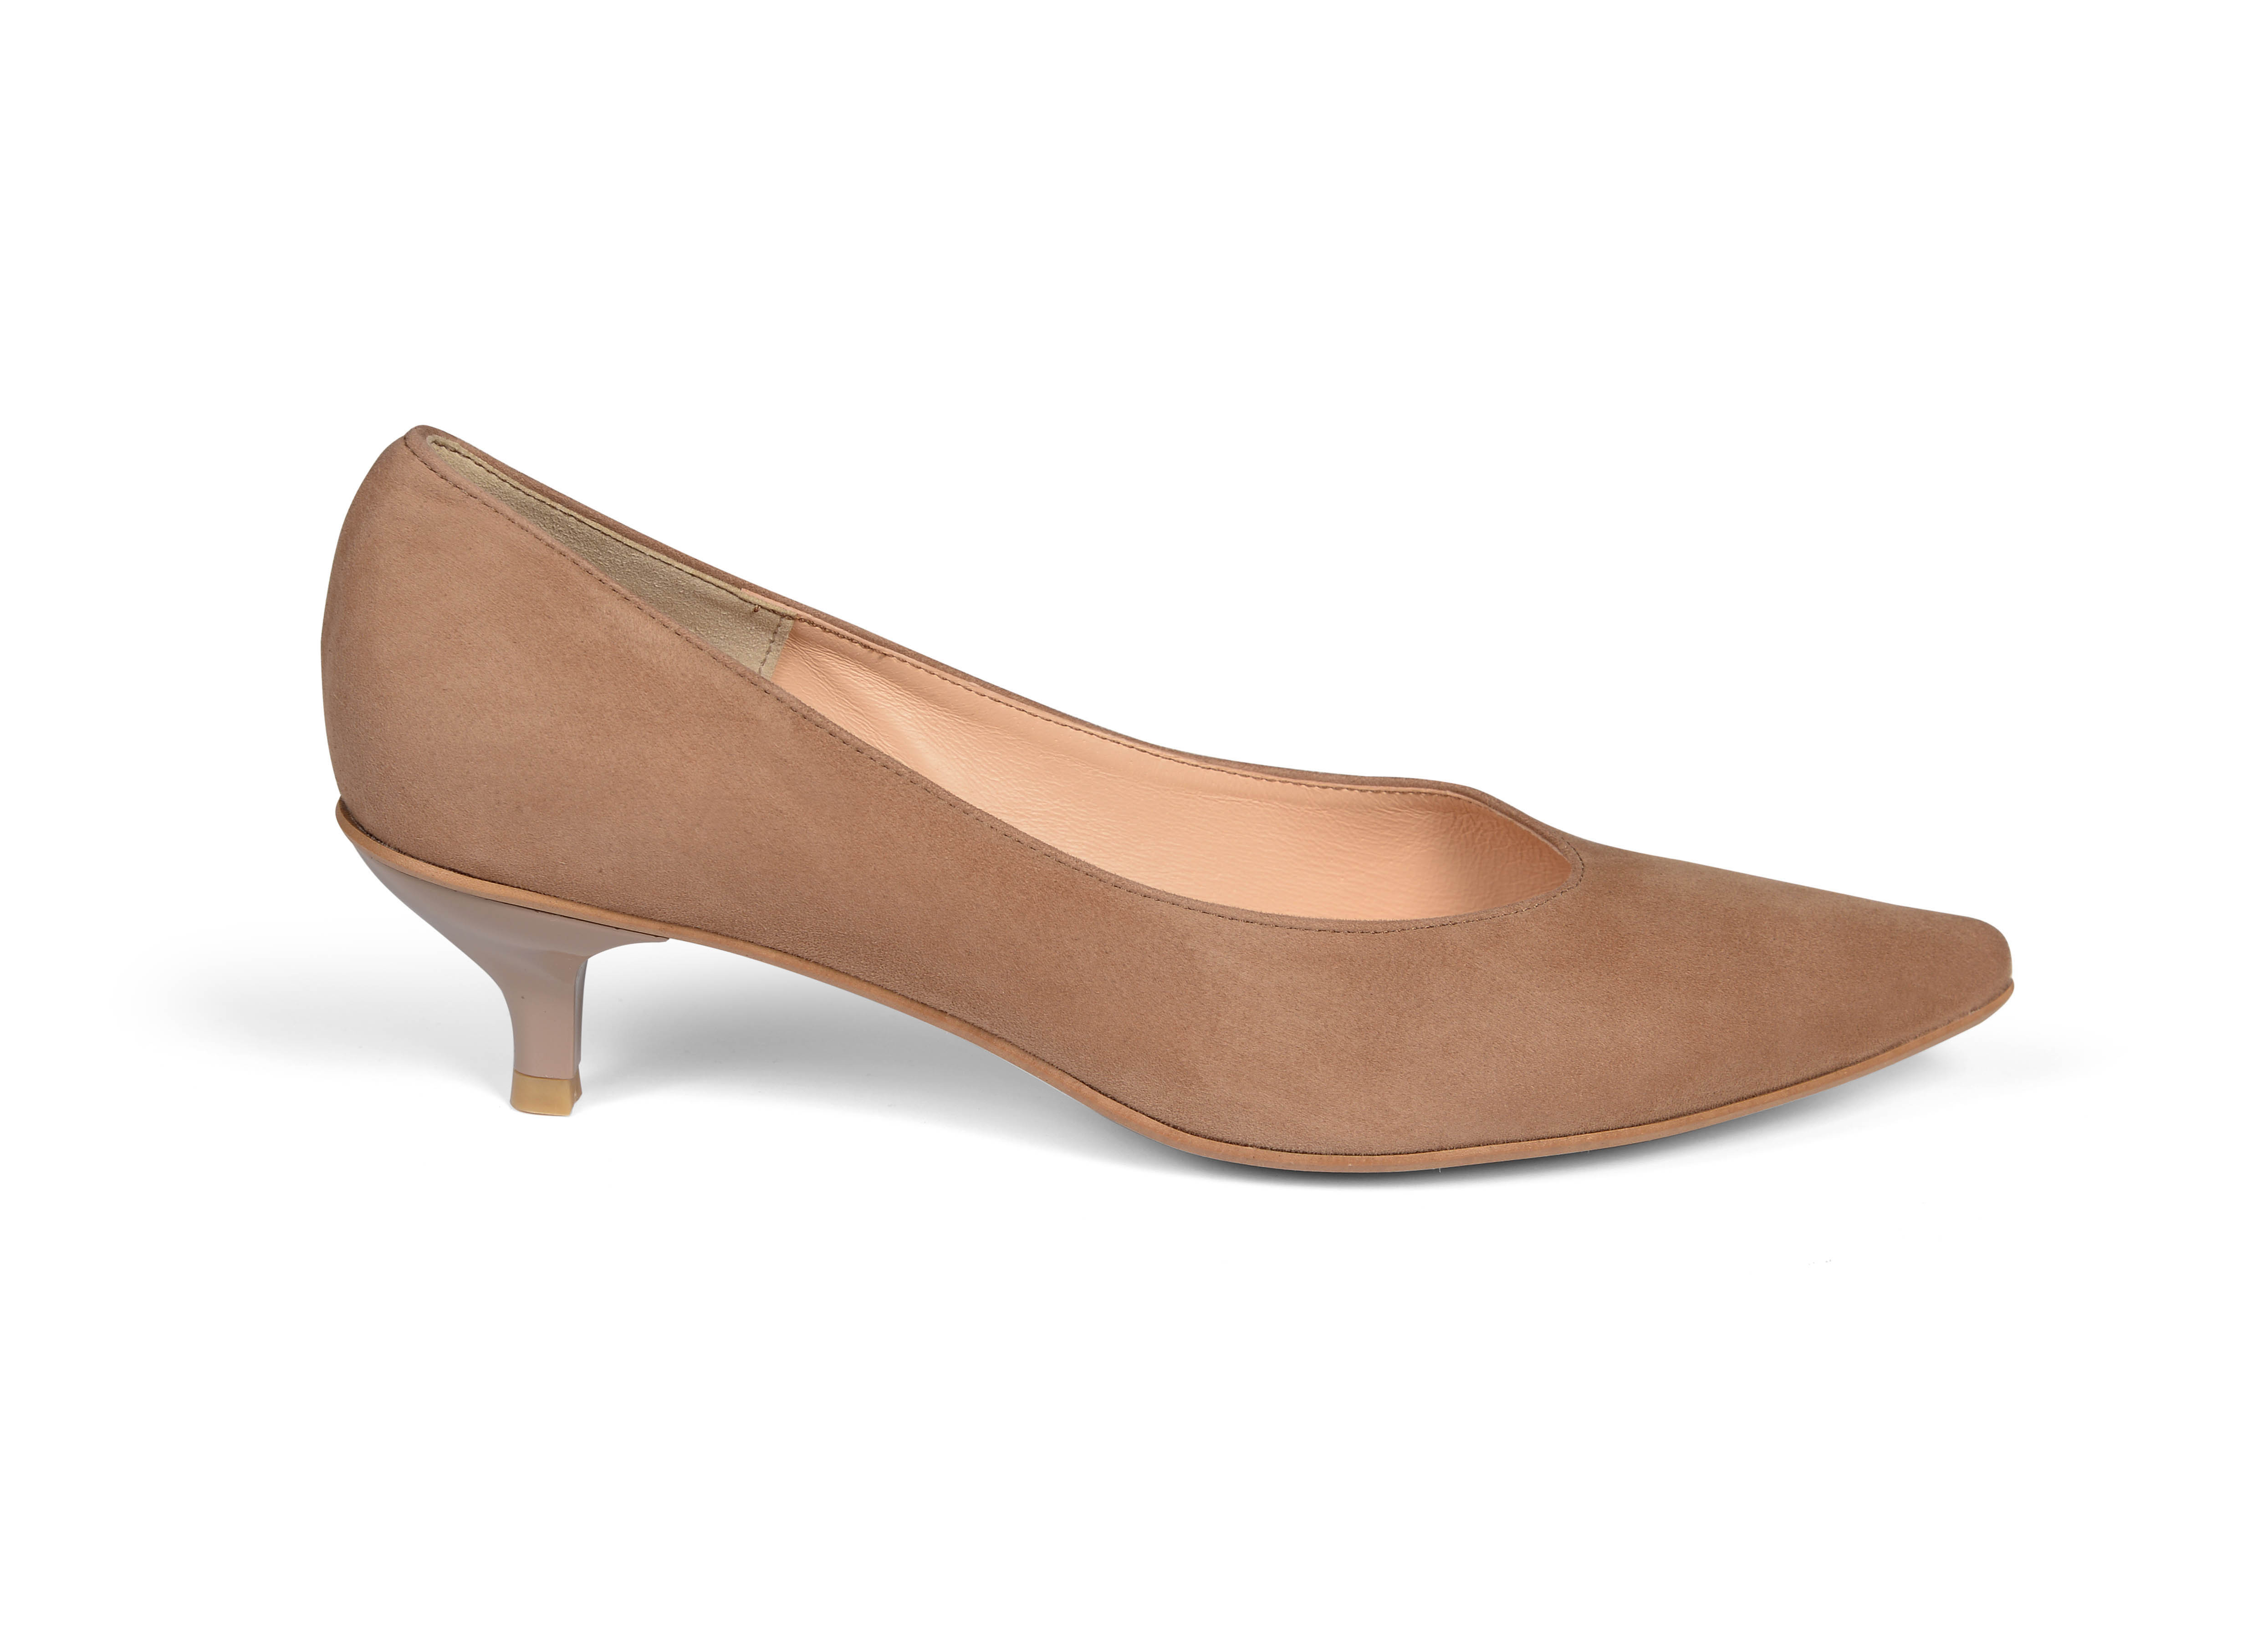 Kiki S pointed toe kitten heels - light brown